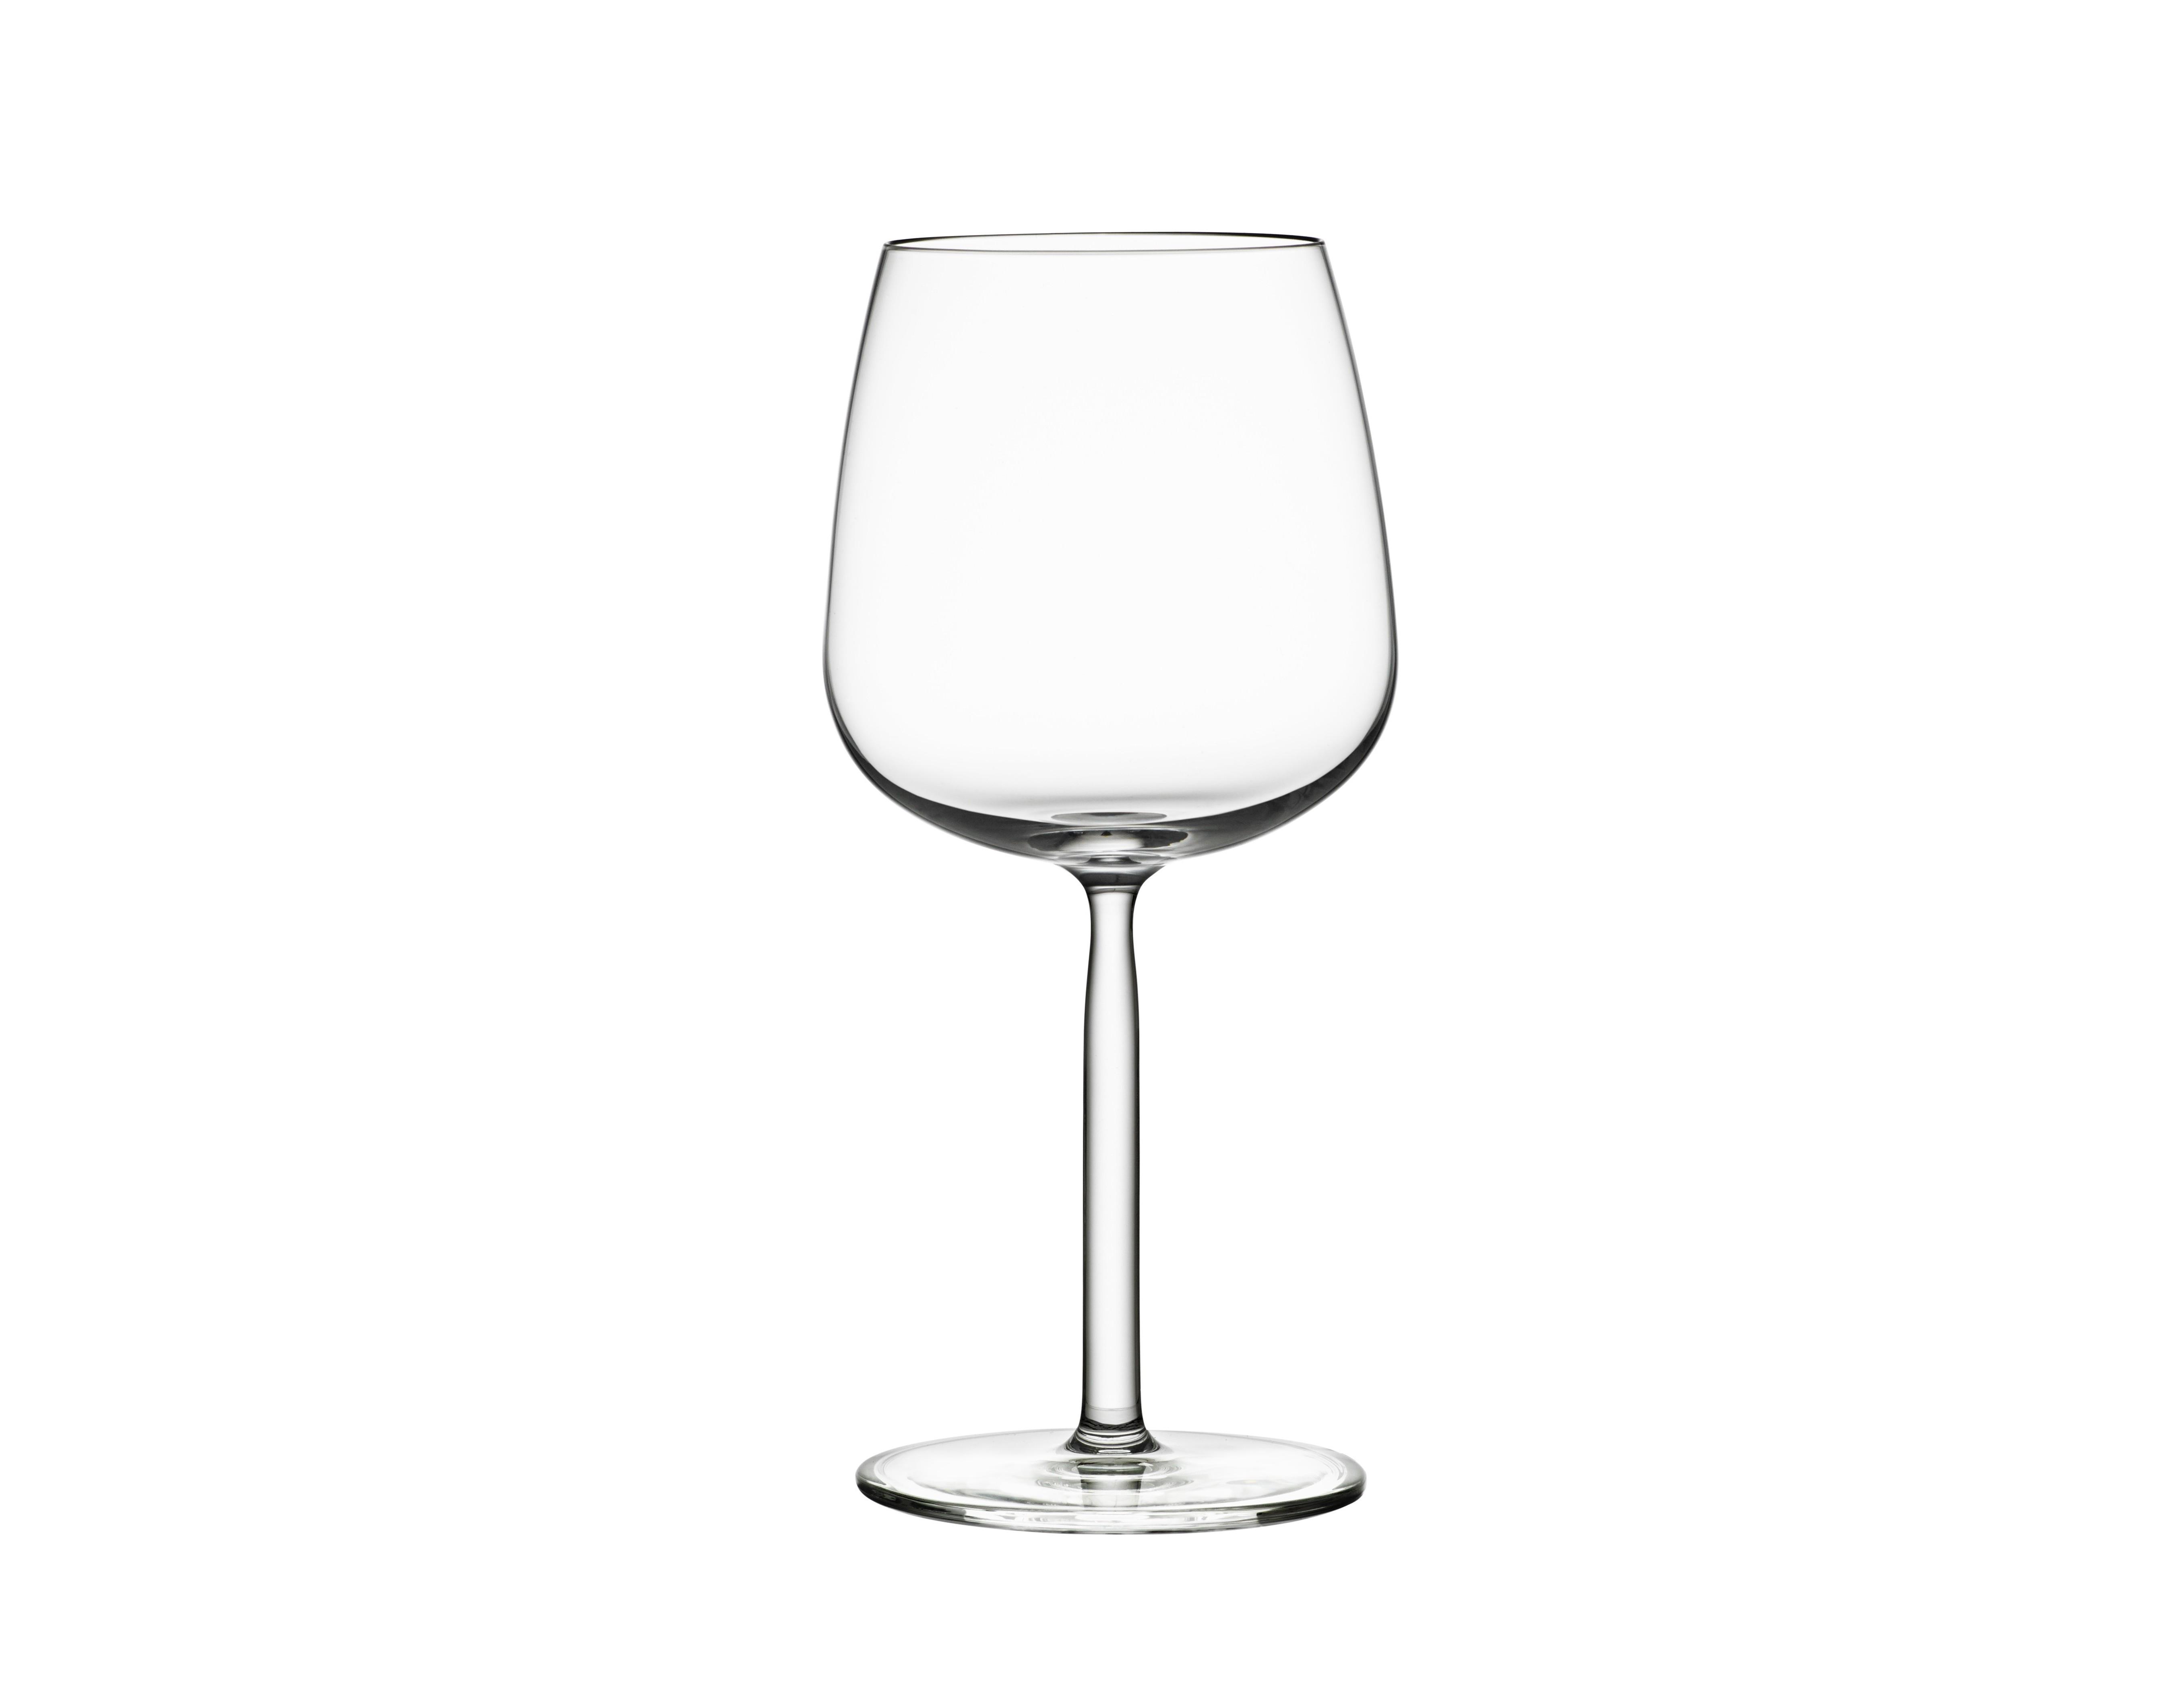 Бокал для красного вина SentaБокалы<br>Серия педставлена классическими бокалами для вина. Благодаря мягким линиям и стилю, бокалы смотрятся лёгкими, но они достаточно надёжные и отлично подходят для повседневной жизни.<br><br>Material: Стекло<br>Length см: None<br>Width см: 9<br>Depth см: 18<br>Height см: 19<br>Diameter см: None